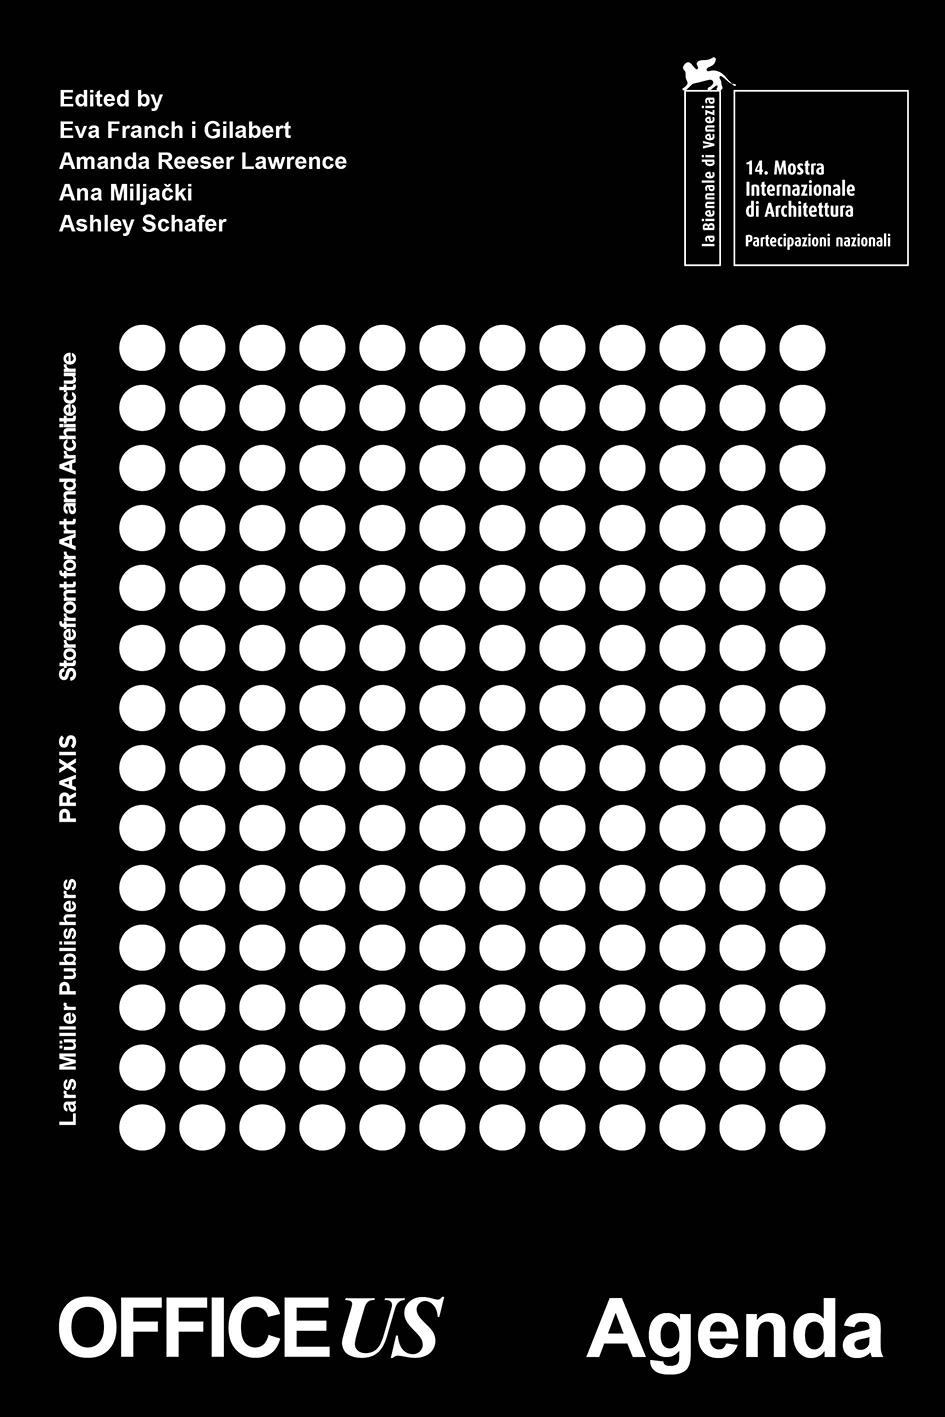 Biennale_covers1.png